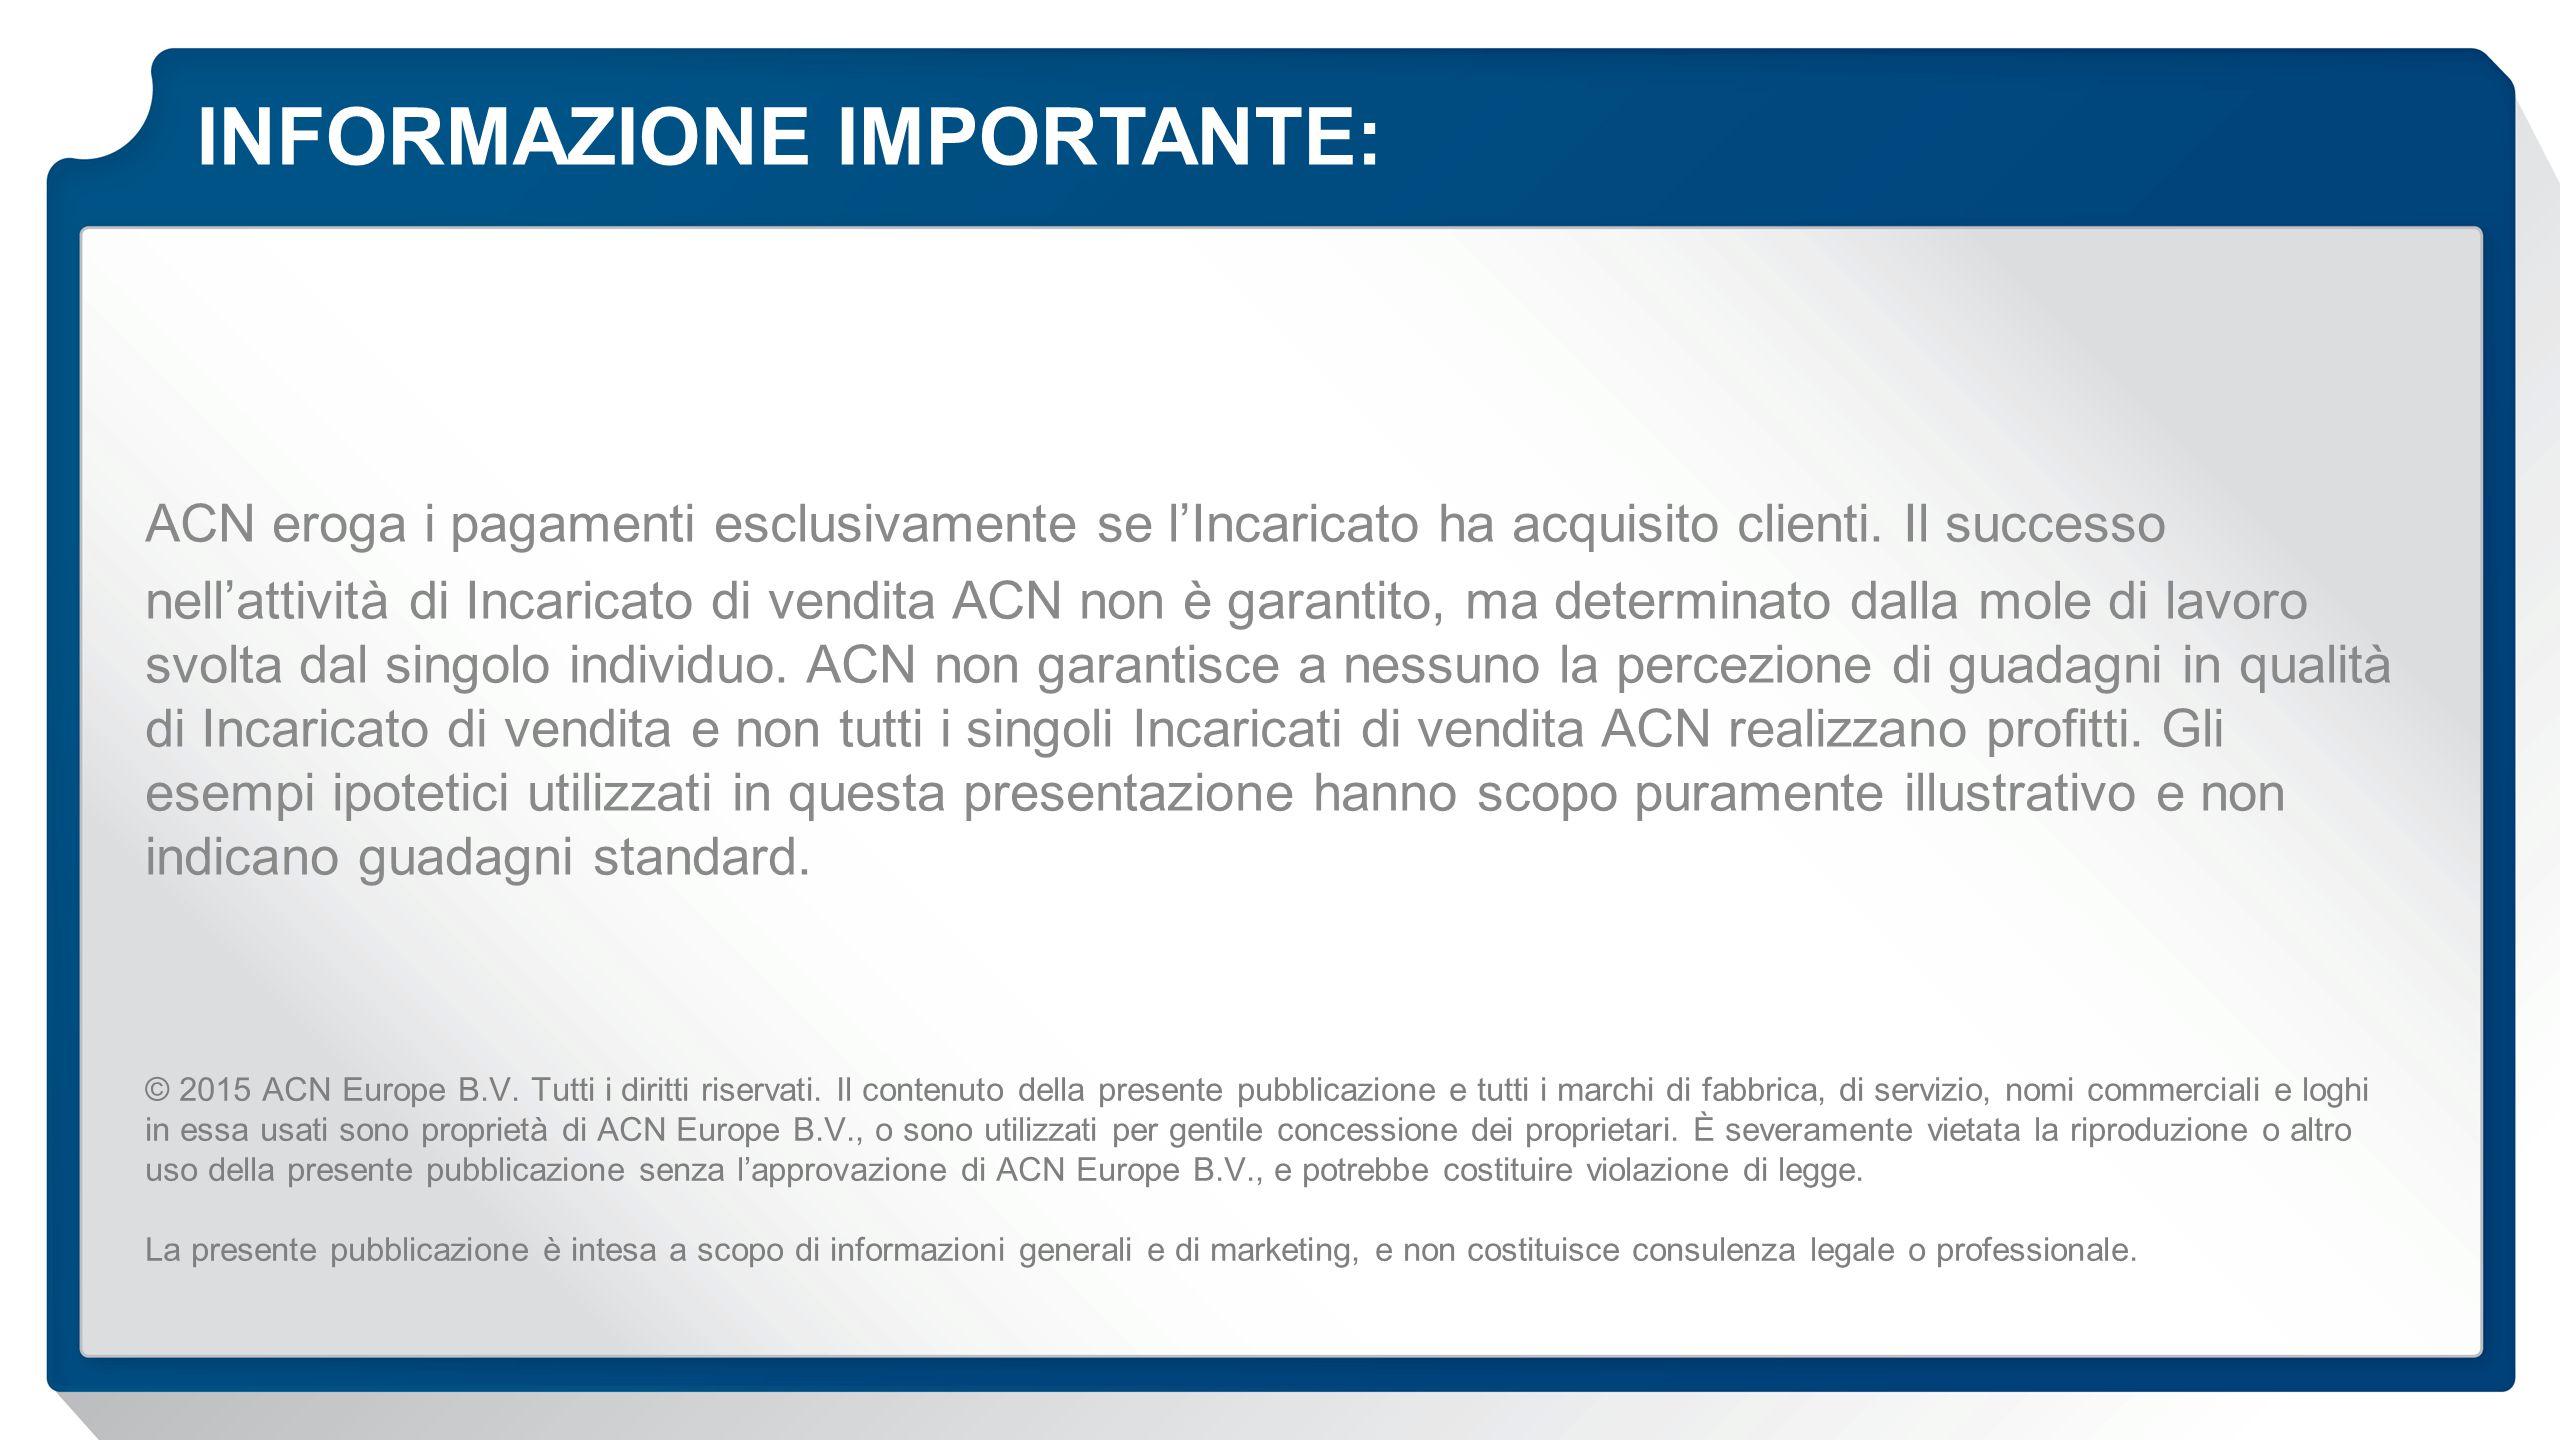 INFORMAZIONE IMPORTANTE: ACN eroga i pagamenti esclusivamente se l'Incaricato ha acquisito clienti. Il successo nell'attività di Incaricato di vendita